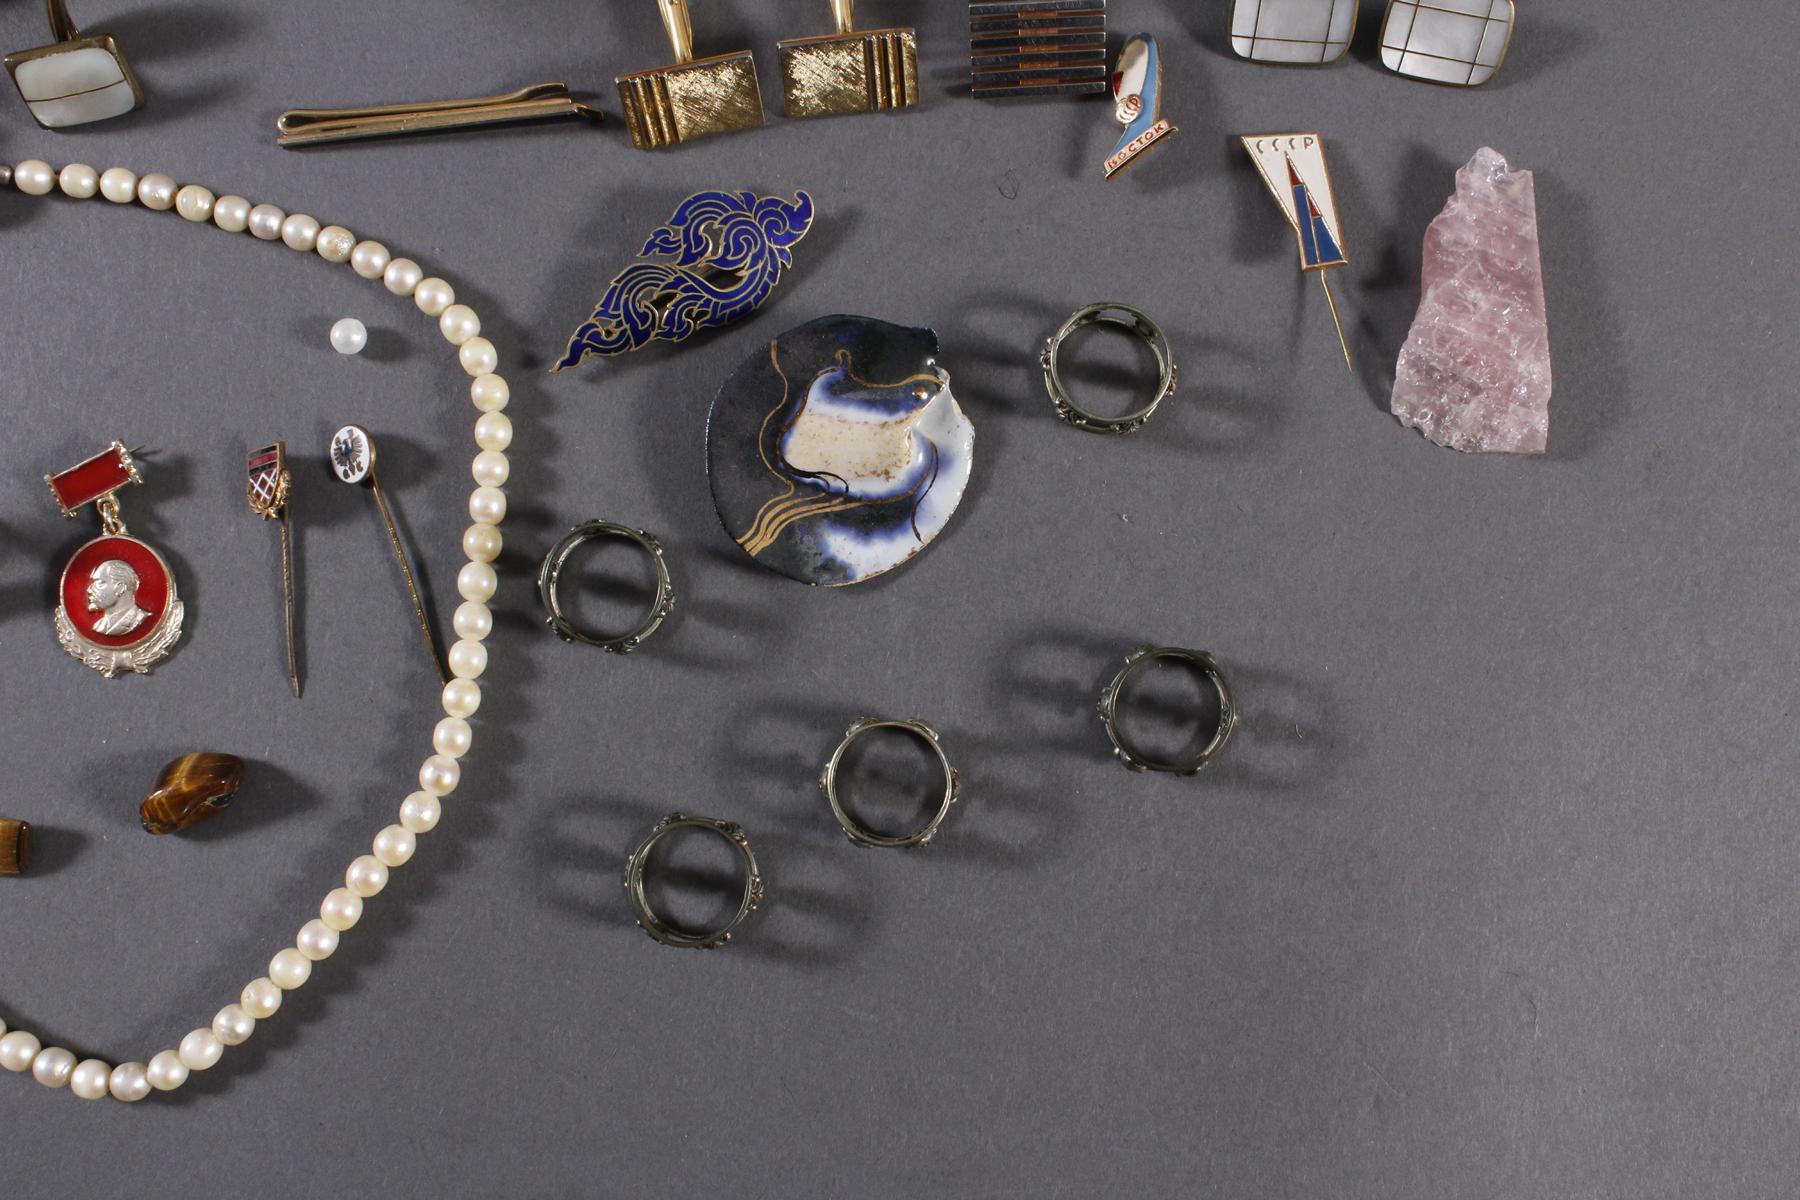 Schmuckschatulle mit Reichsbanknoten, Perlenkette, silberne Serviettenringe und Modeschmuck-3